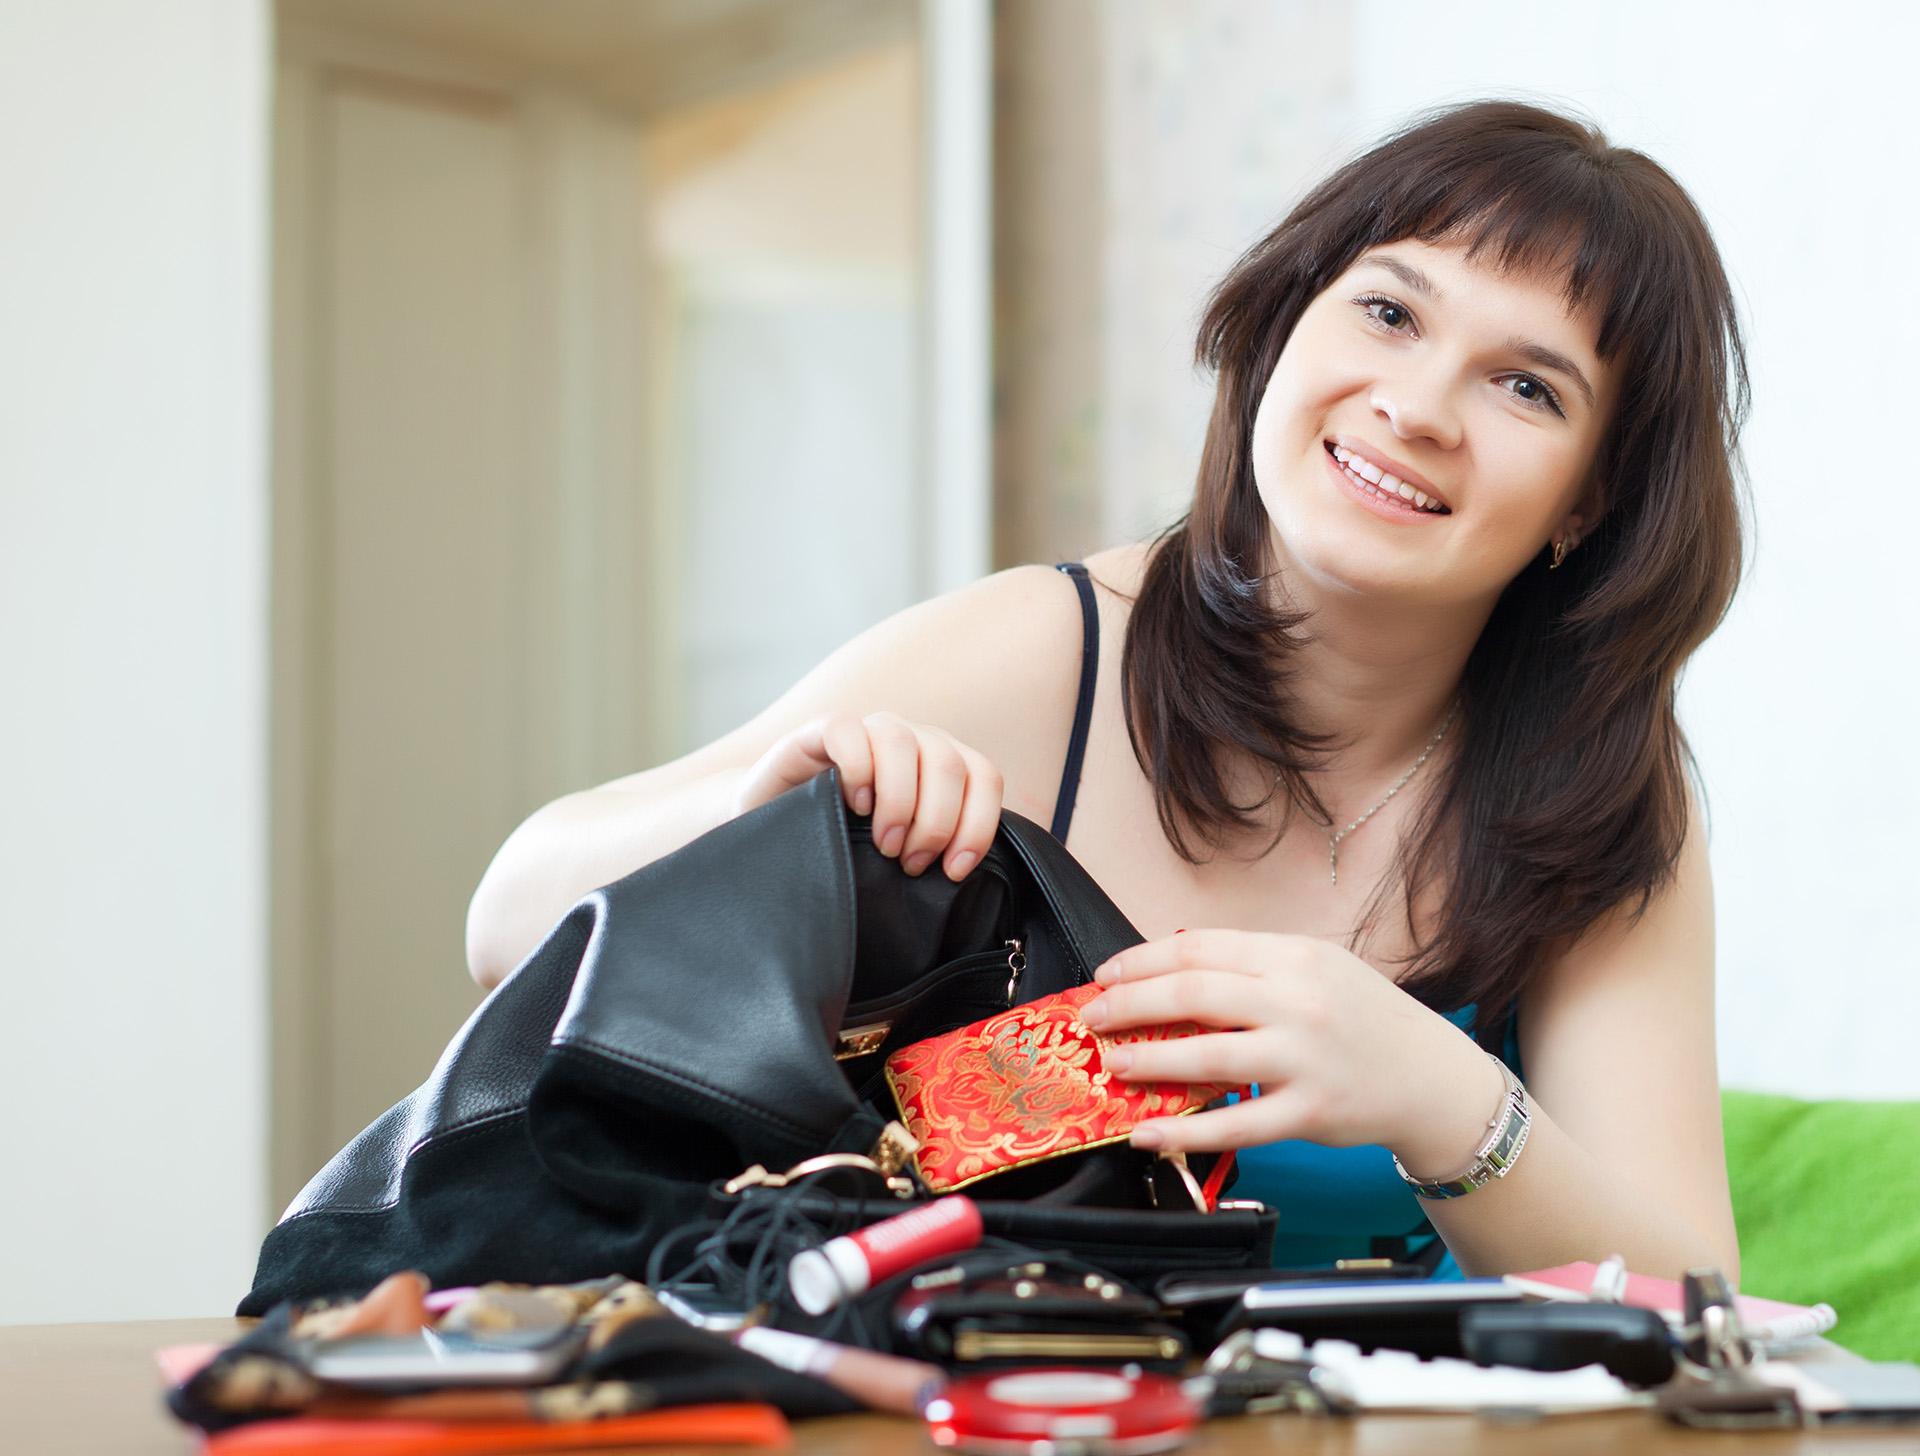 Woman unpacking large handbag